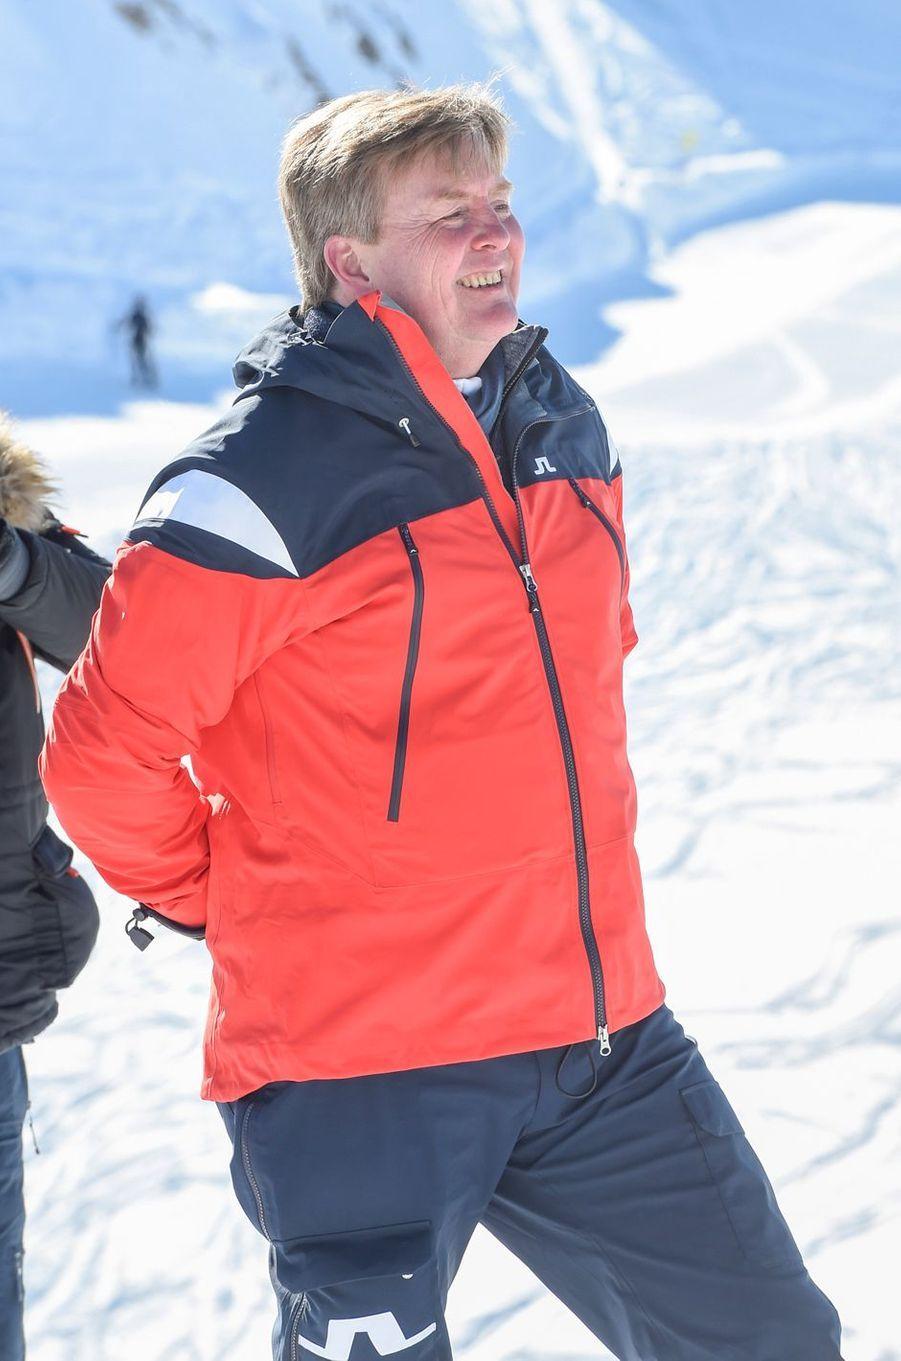 Le roi Willem-Alexander des Pays-Bas à Lech, le 26 février 2018